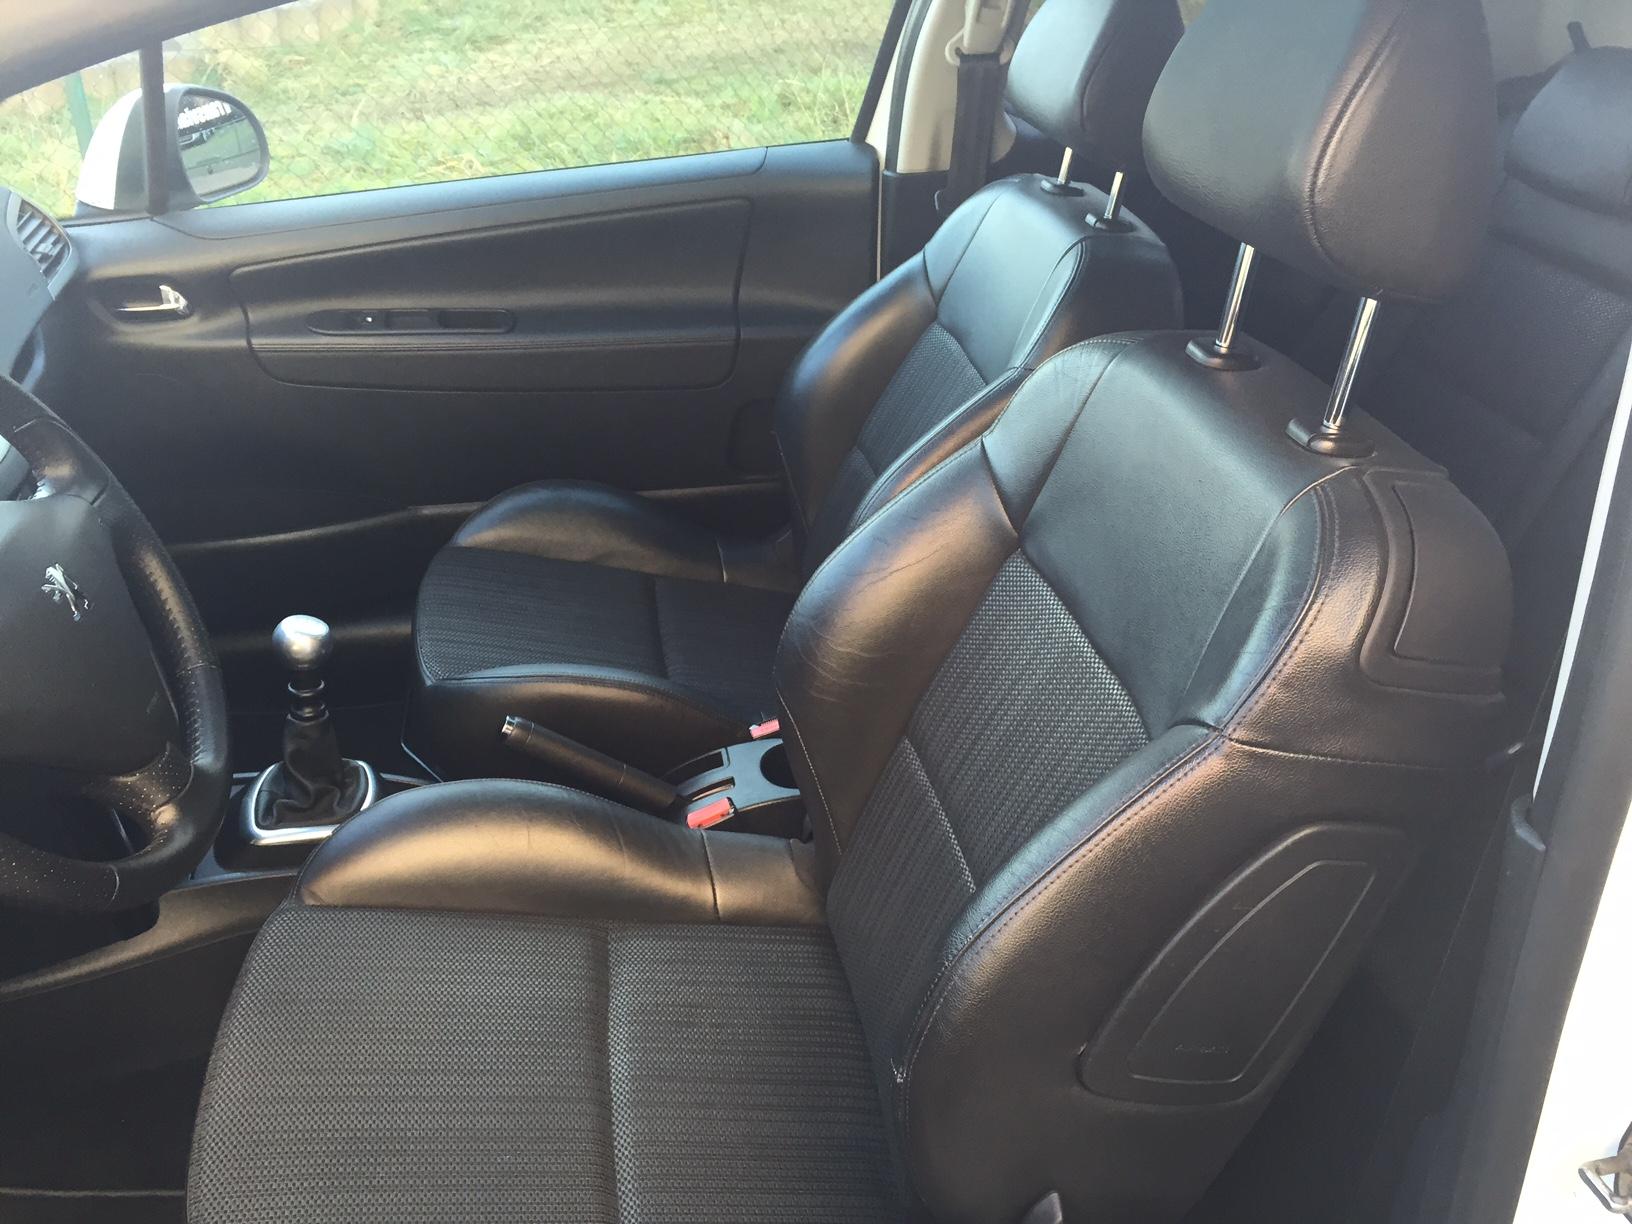 Peugeot 207 1 6 hdi 110 sportium 3p transvialux automobiles for Interieur 207